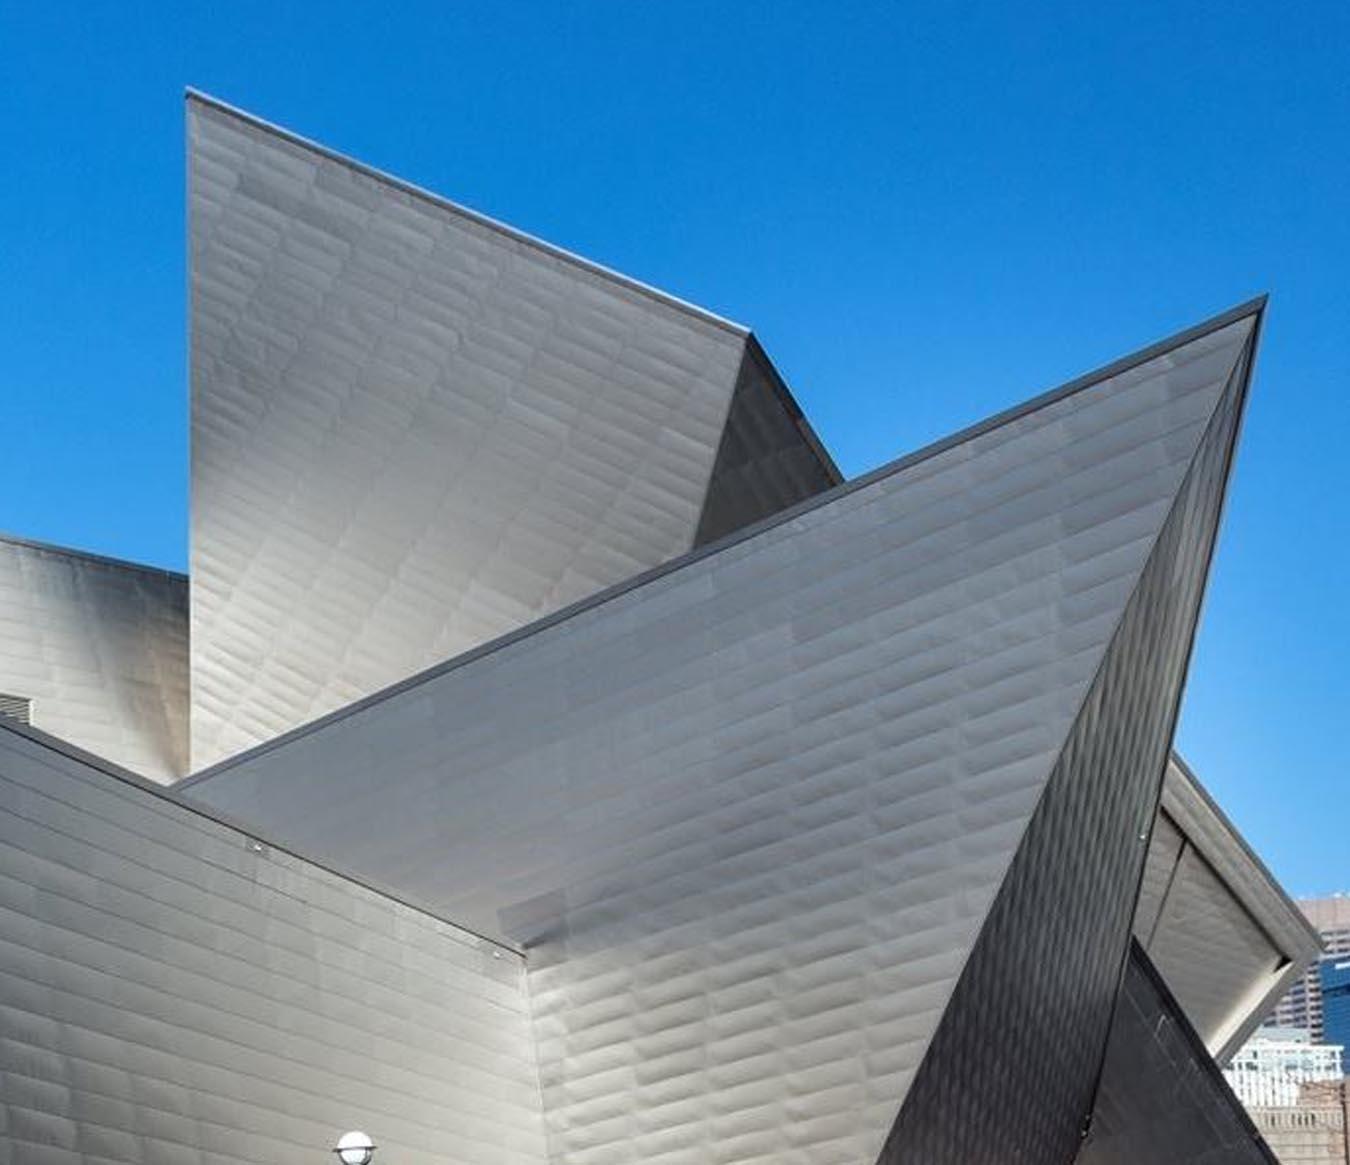 Things to Do in Denver - Denver Art Museum